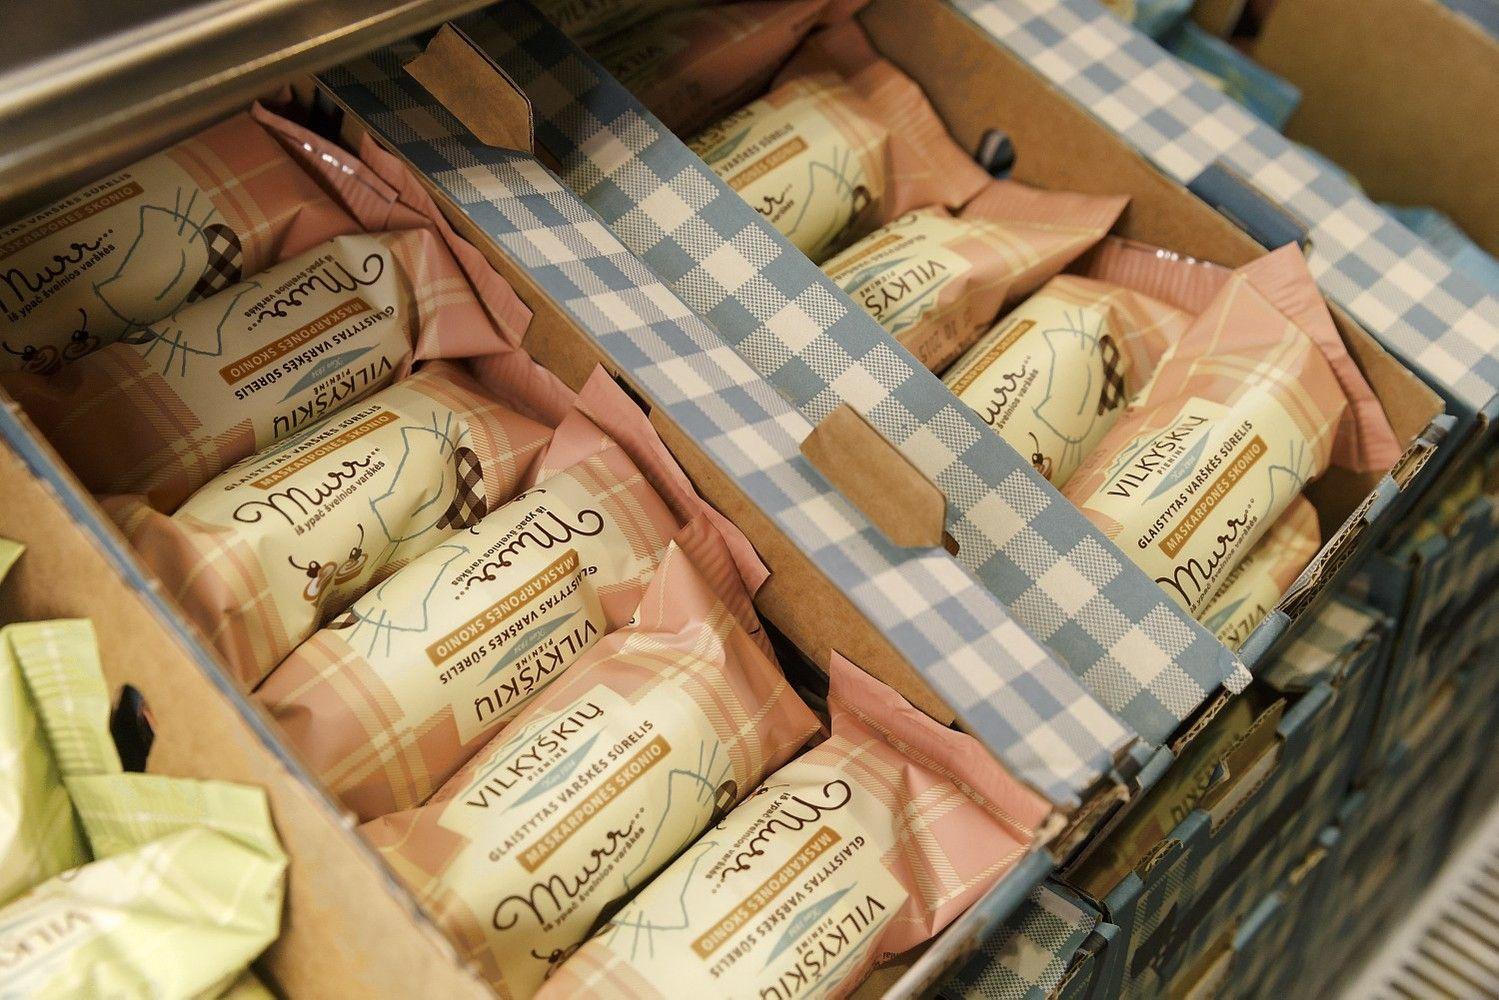 Vilkyškių pieninės pardavimai toliau auga dviženkle išraiška